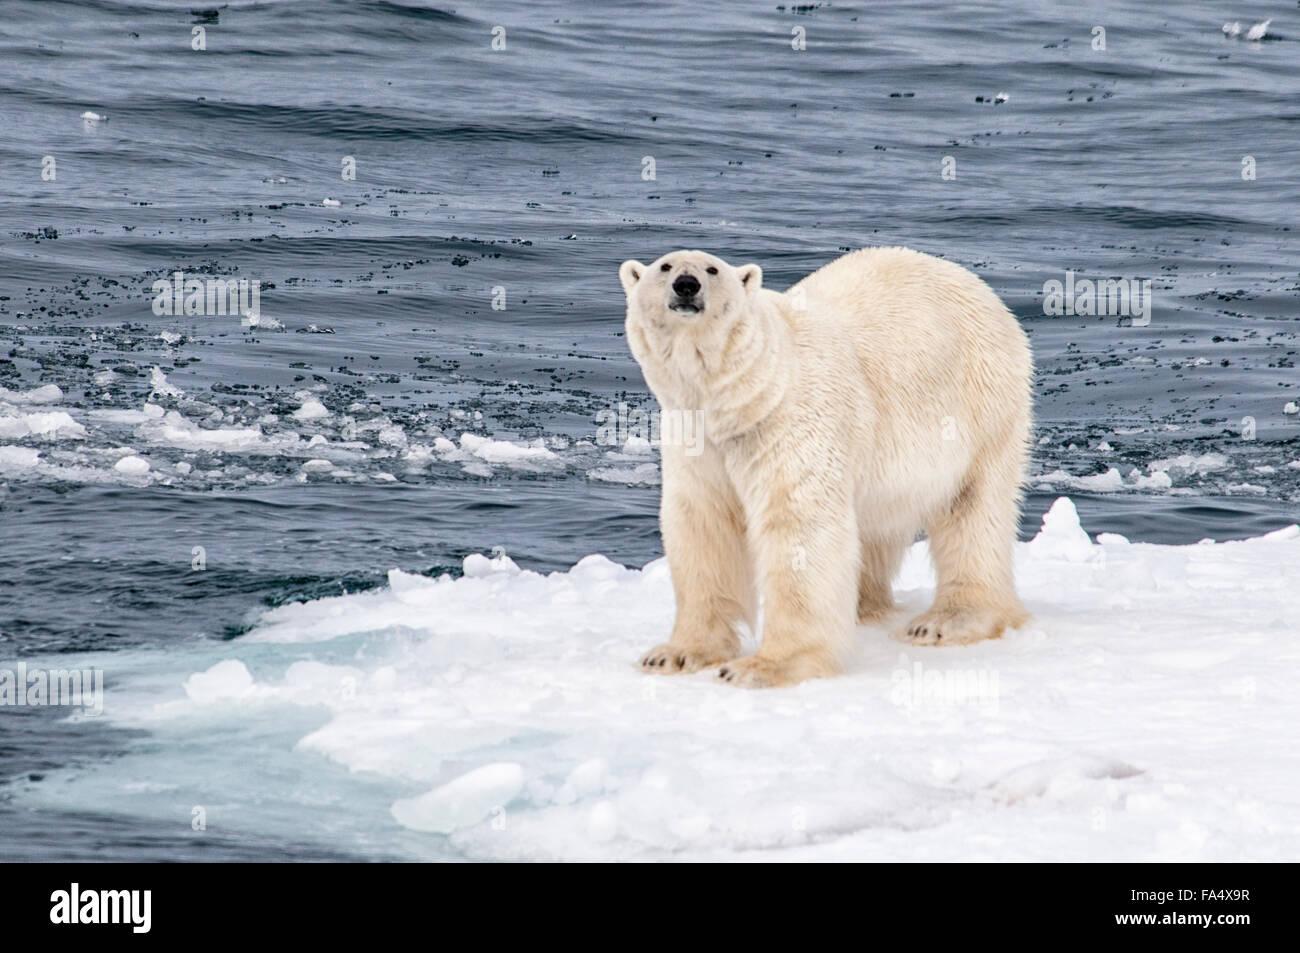 Solitario, el Oso Polar Ursus maritimus, de pie sobre un trozo de hielo en el mar ártico, el archipiélago de Svalbard, Noruega Foto de stock